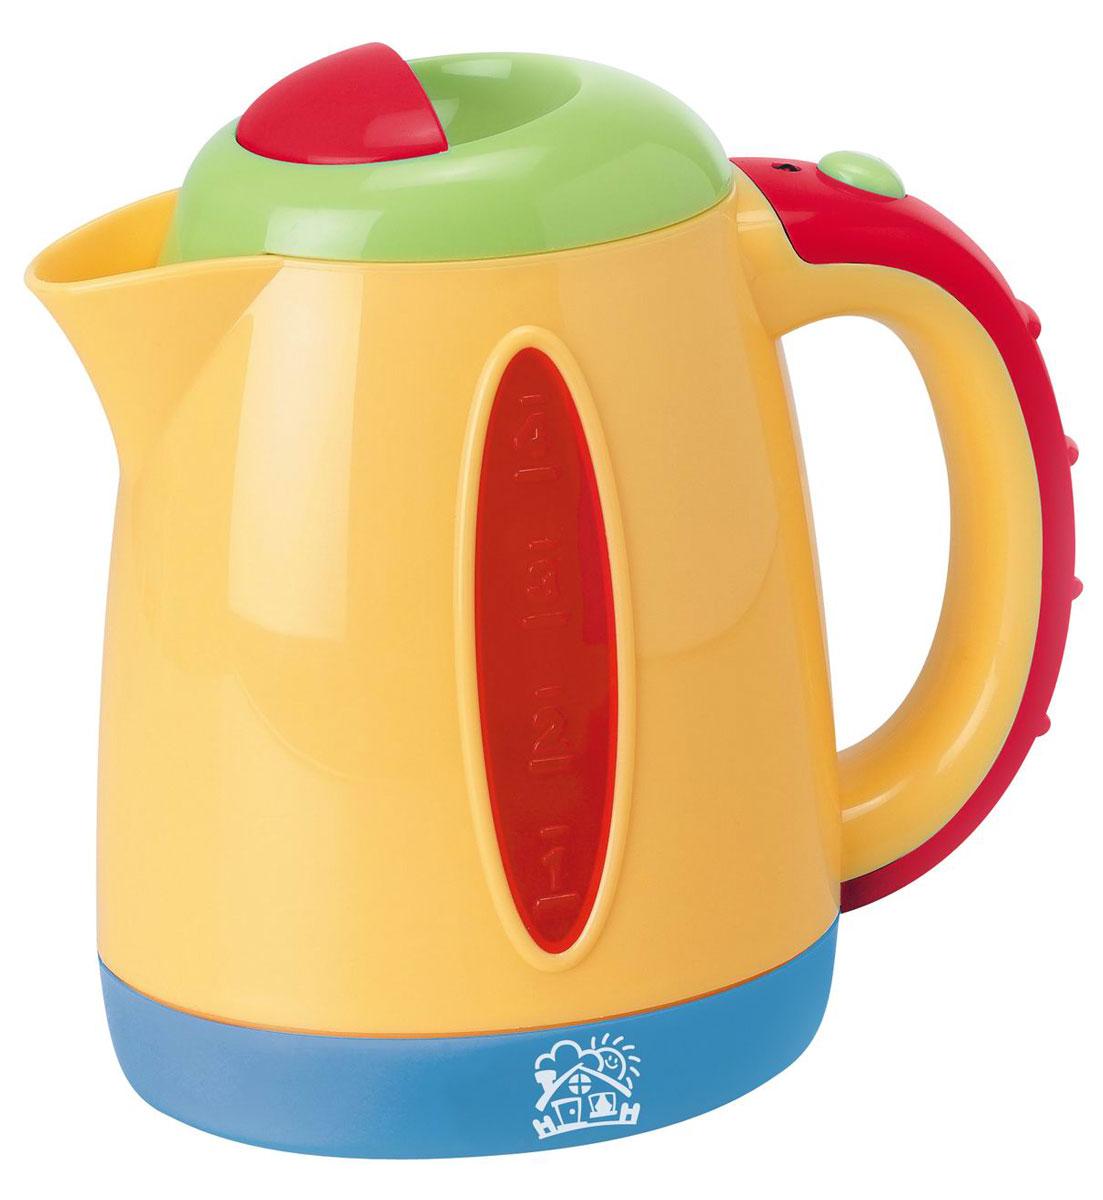 Playgo Чайник My boiling kettlePlay 3170Чайник Playgo My boiling kettle непременно понравится вашему ребенку и не позволит ему скучать. Он выполнен из прочного пластика ярких цветов и оснащен световыми и звуковыми эффектами. Красочный маленький чайник имеет удобную ручку для переноски, подходящую для маленьких пальчиков малыша. Он имеет вставки из прозрачного пластика на боковых сторонах. При включении чайника индикатор на его корпусе загорится и раздастся звук кипения, а если чайник наклонить - зазвучит реалистичное журчание льющейся воды. Такая игрушка поможет ребенку развить звуковое восприятие, мелкую моторику рук и координацию движений. Также, такая игрушка станет важным элементом сюжетно-ролевых игр ребенка и познакомит его с работой настоящих бытовых приборов. Порадуйте вашего малыша таким замечательным подарком! Рекомендуется докупить 3 батарейки типа АА (товар комплектуется демонстрационными).